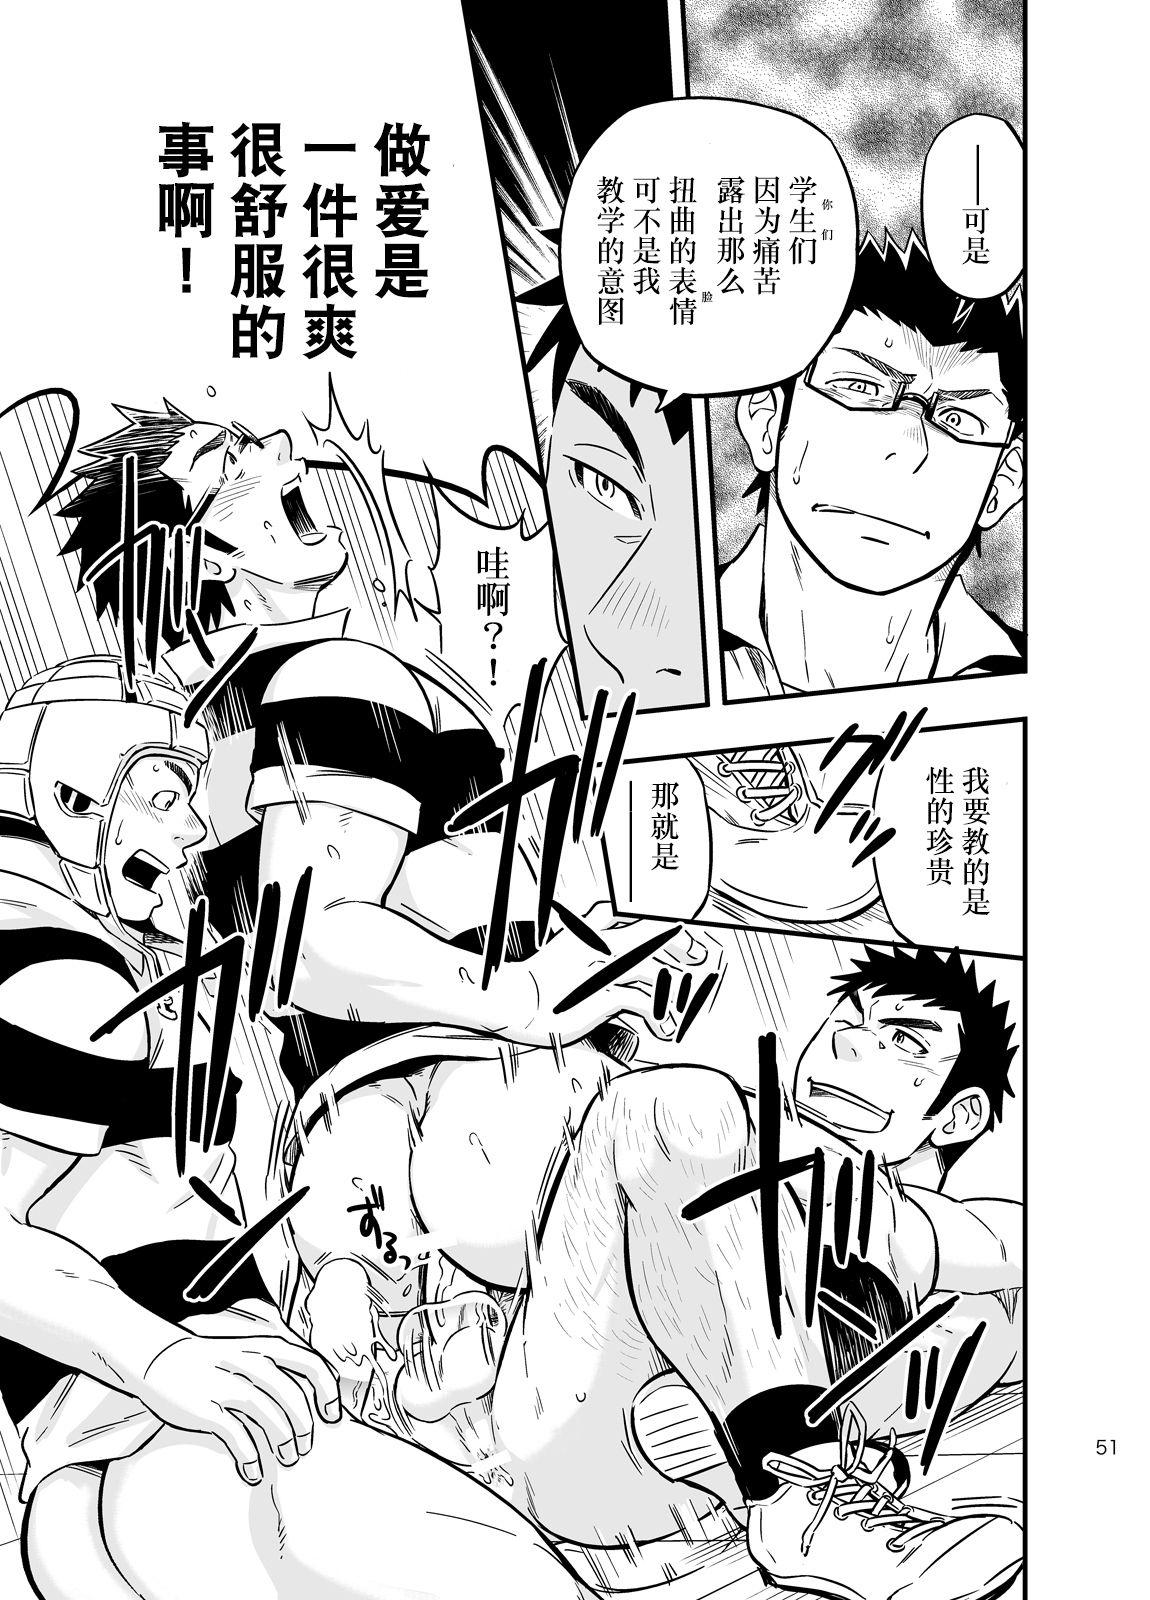 Moshimo Danshikou no Hoken Taiiku ga Jitsugi Ari Dattara 2 | 如果男校的保健体育课有实践环节的话 2 49